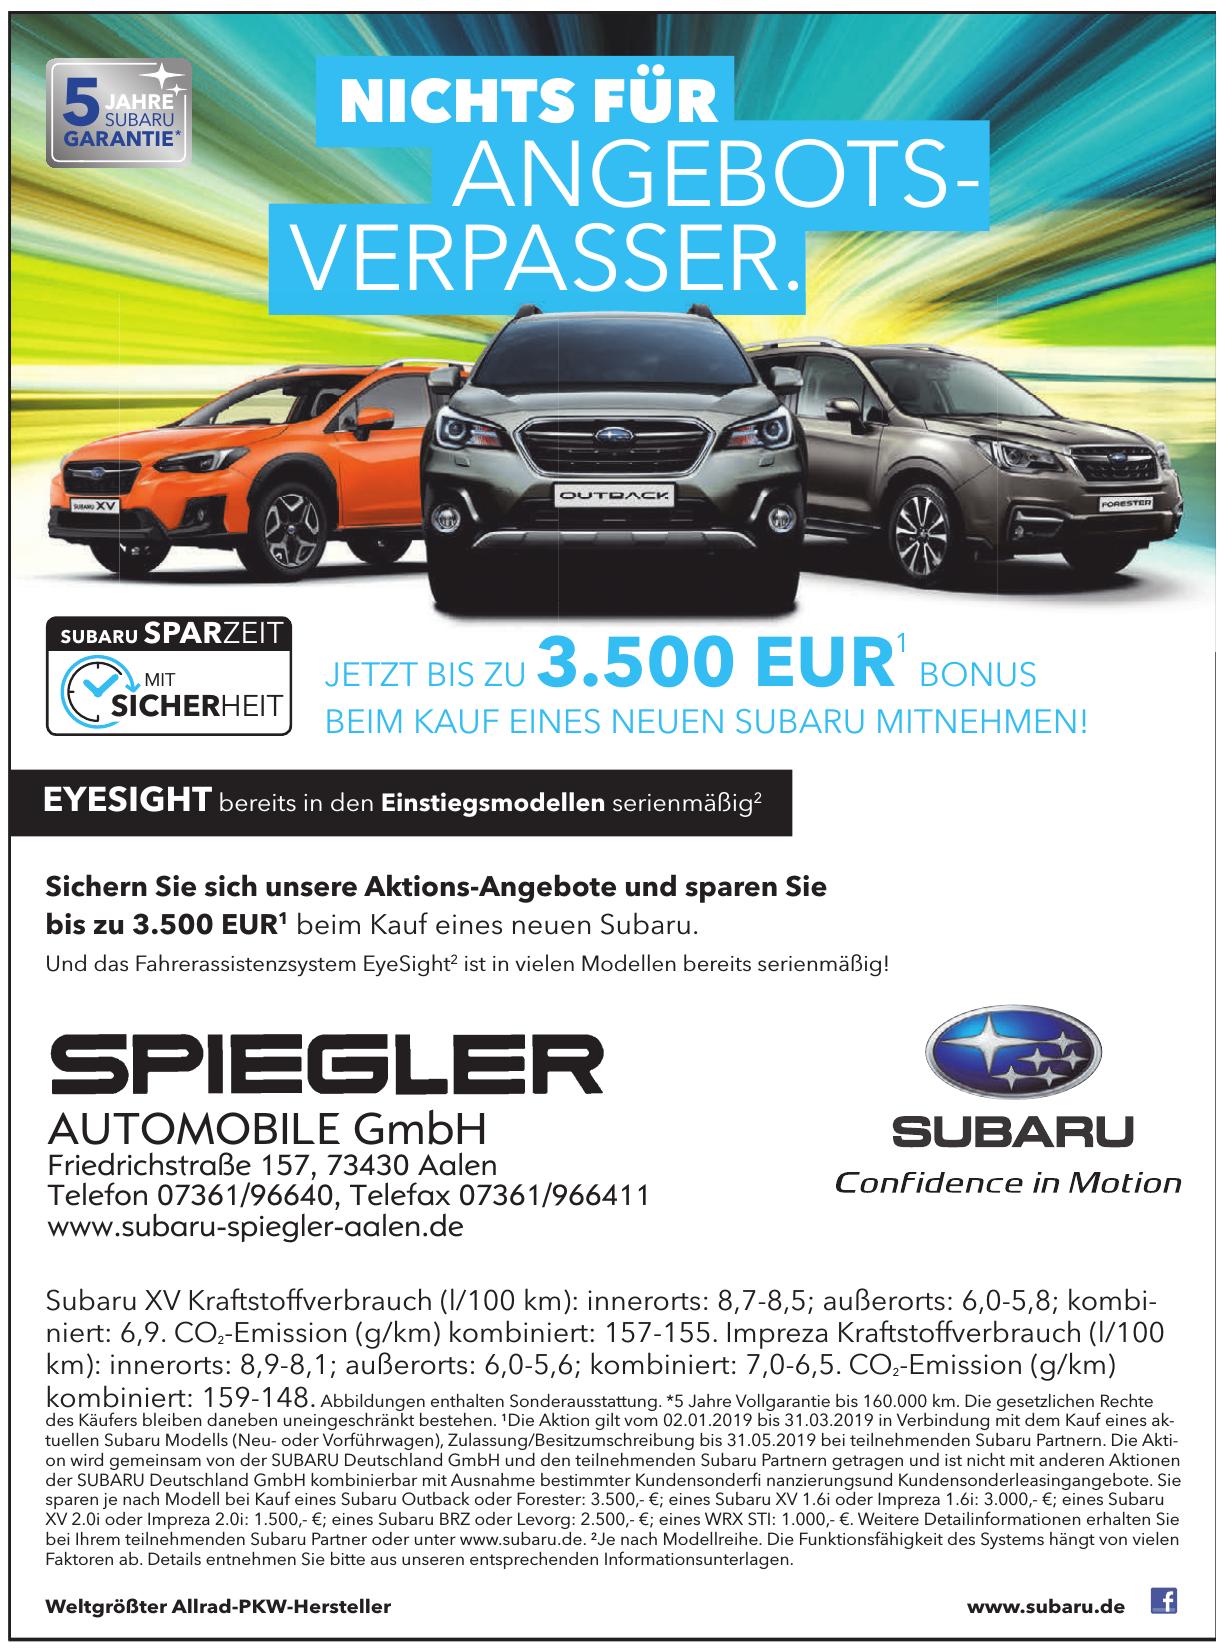 Spiegler Automobile GmbH